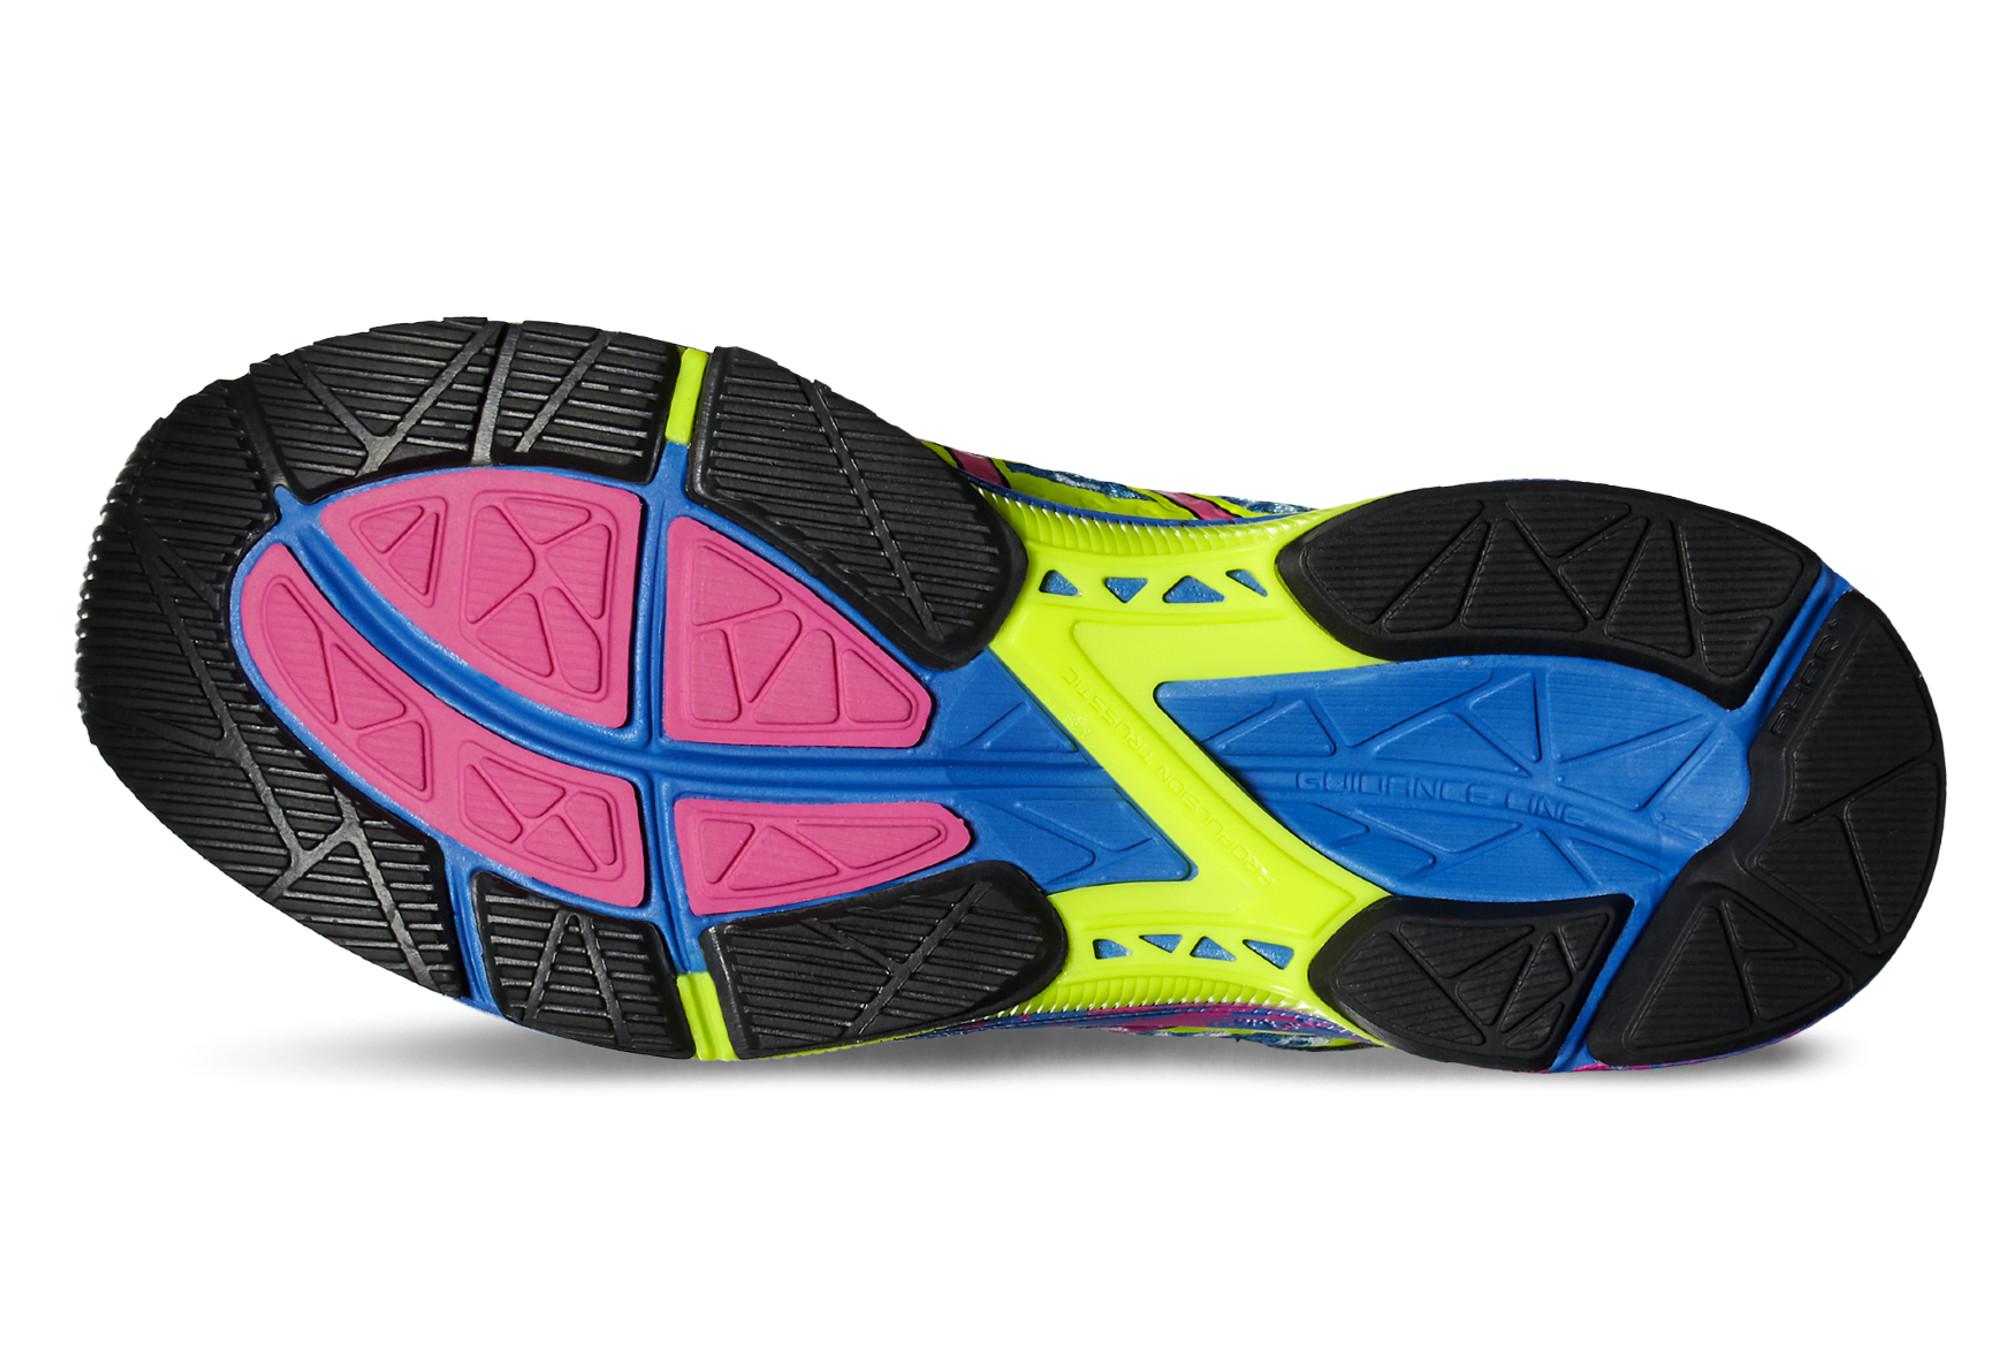 zapatillas asics tri 11 mujer